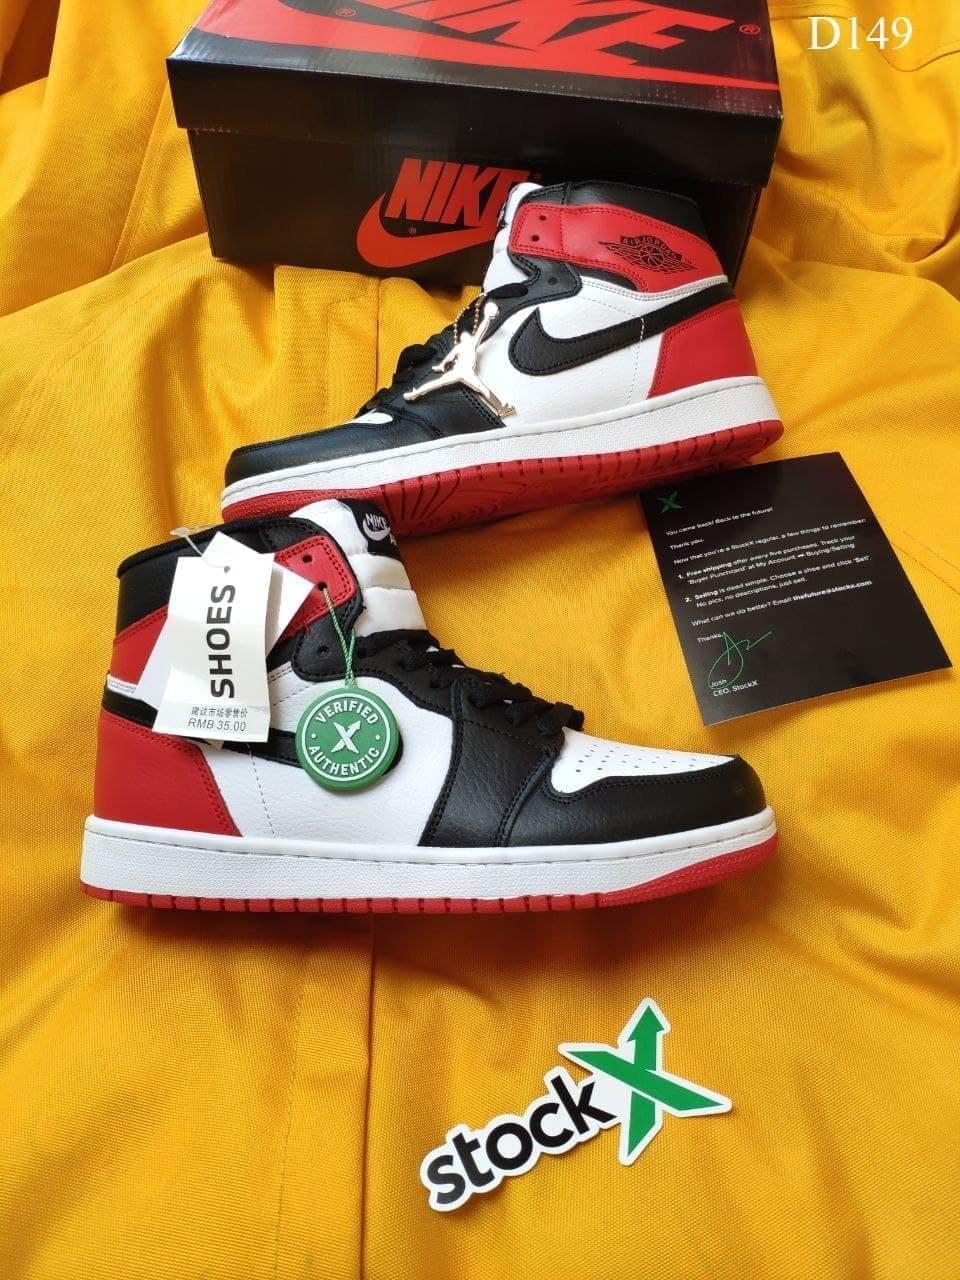 Мужские кроссовки Nike Air Jordan 1 Retro (бело-черные с красным) D149 модные высокие кроссы